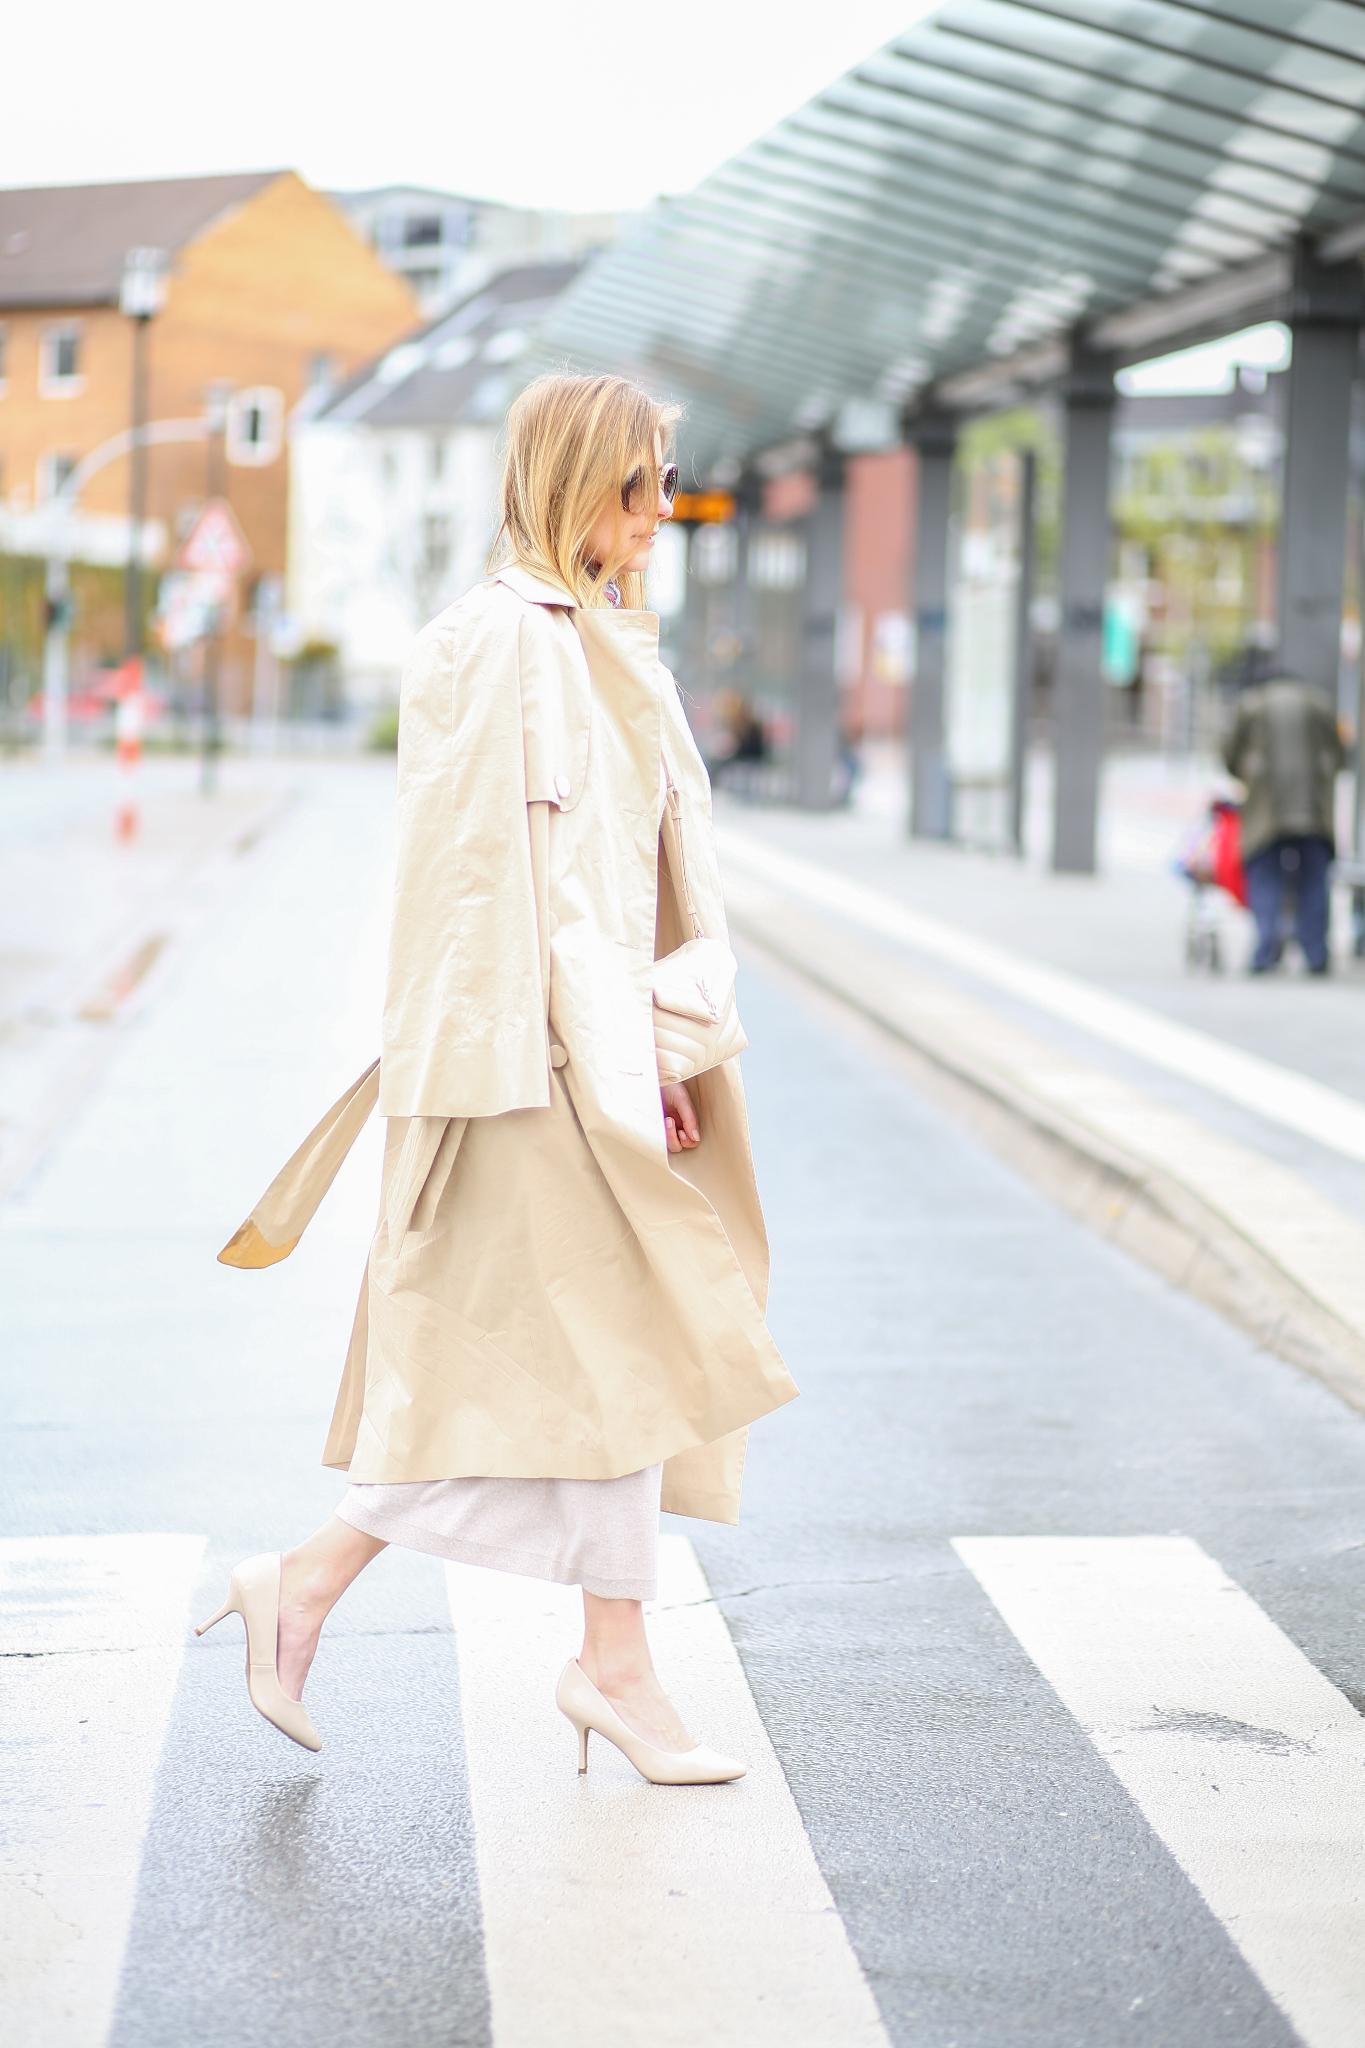 MOD-by-Monique-Fashion-Looks-The-cashmere-dress